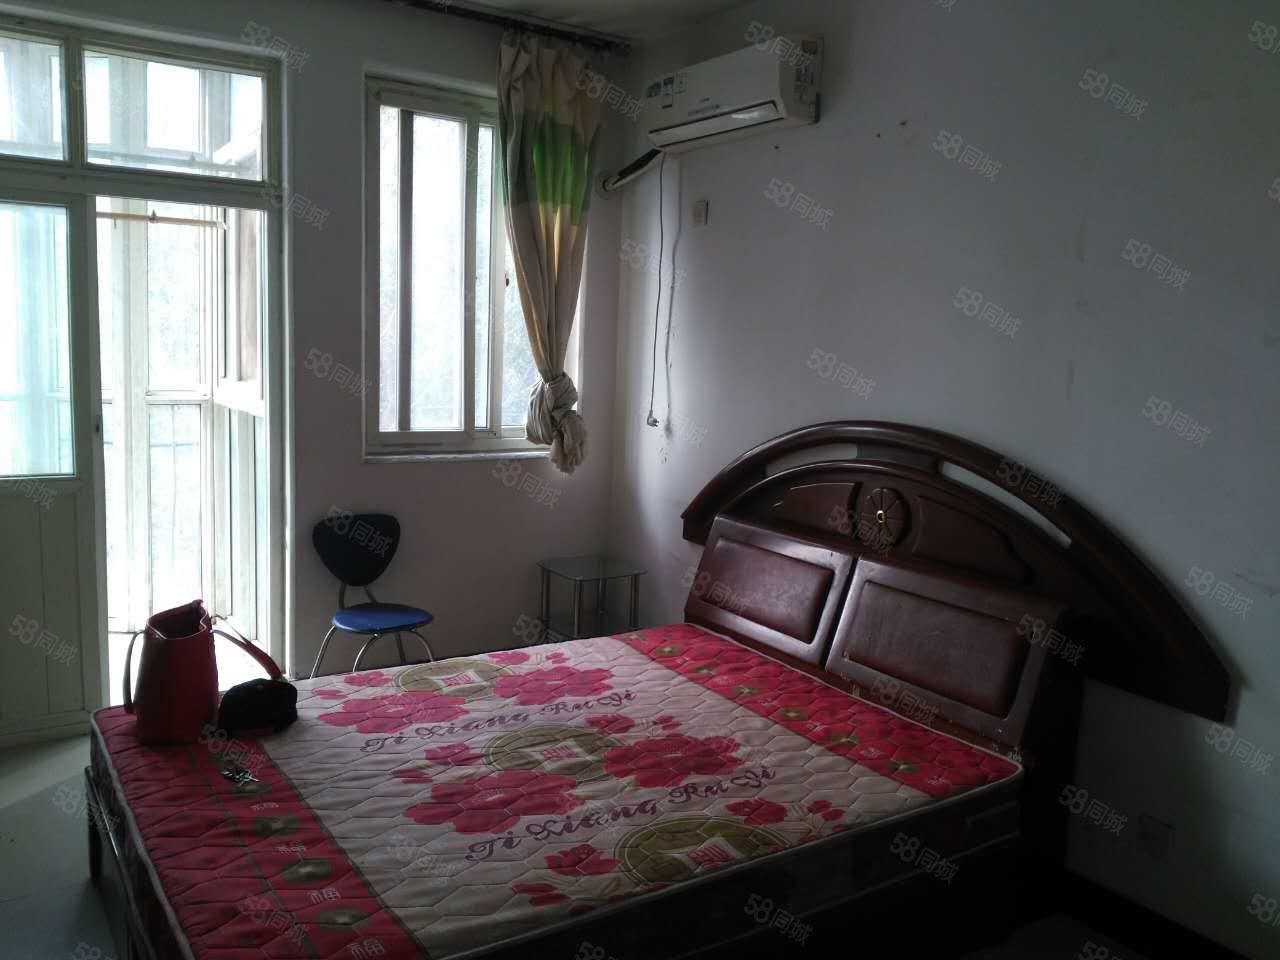 急租碧水云天精装一室一厅一卫干净整洁家具家电齐全